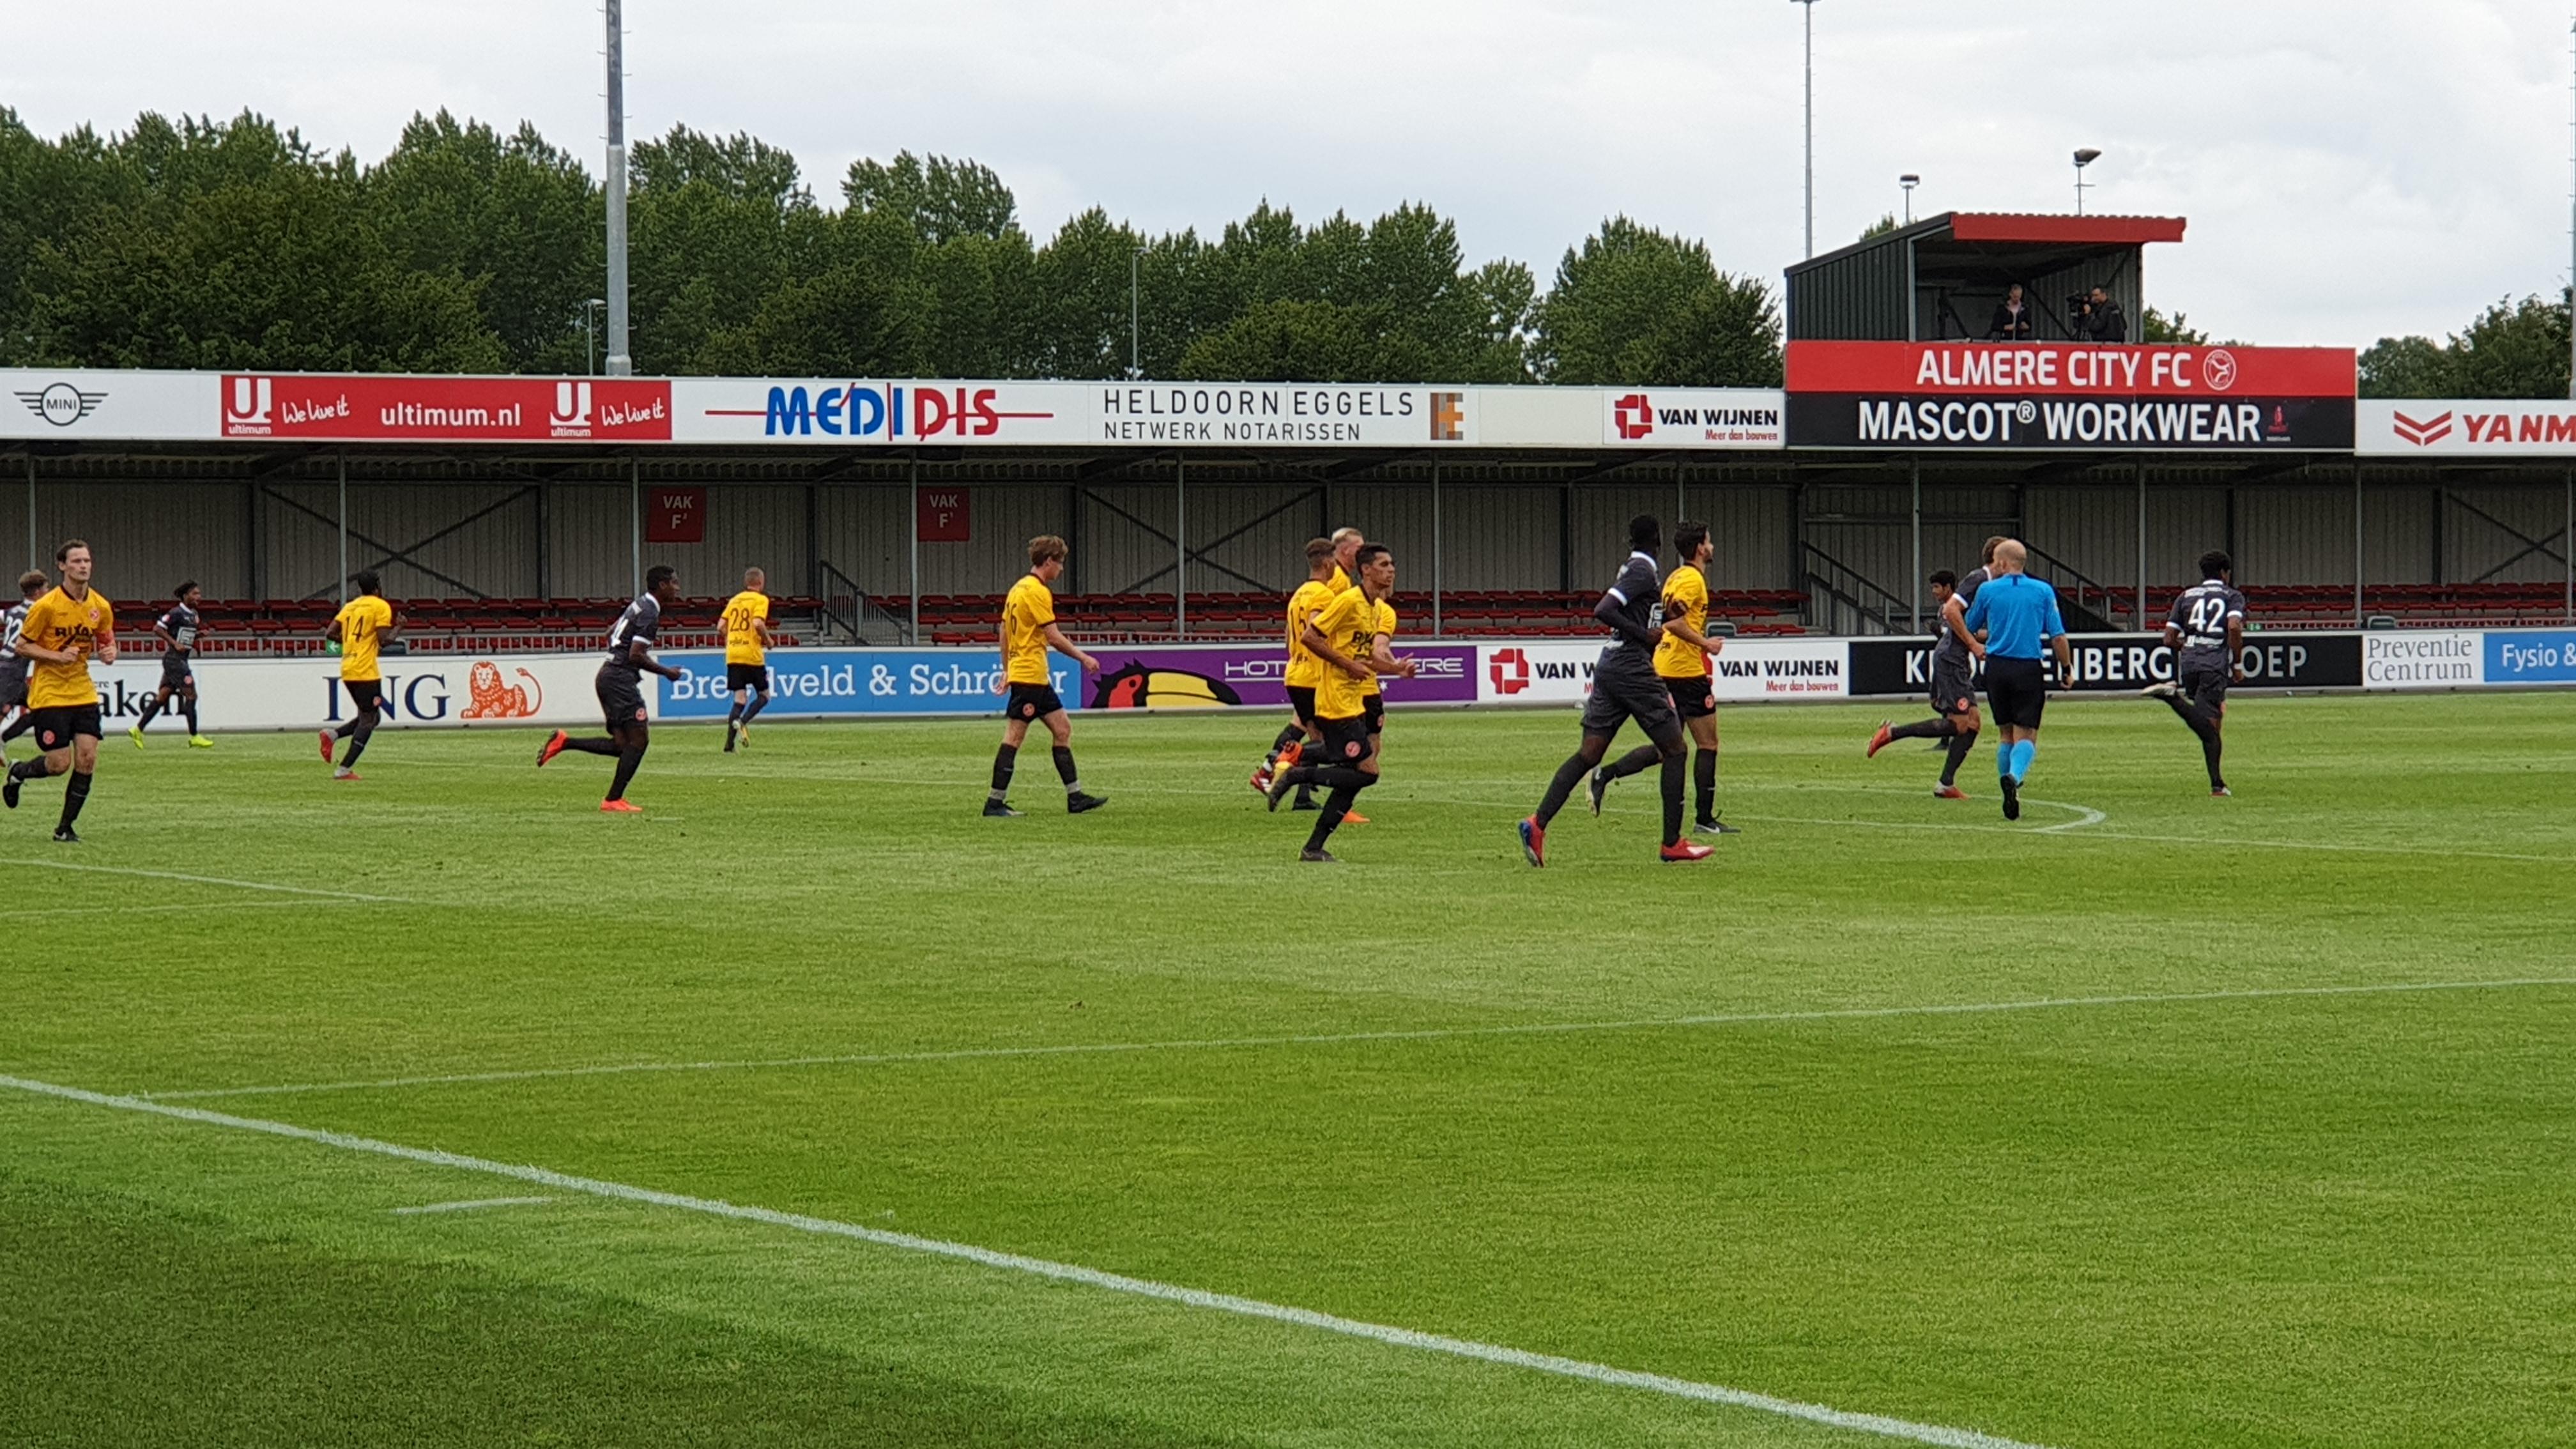 Jong Almere City FC wint van Team Flevoland